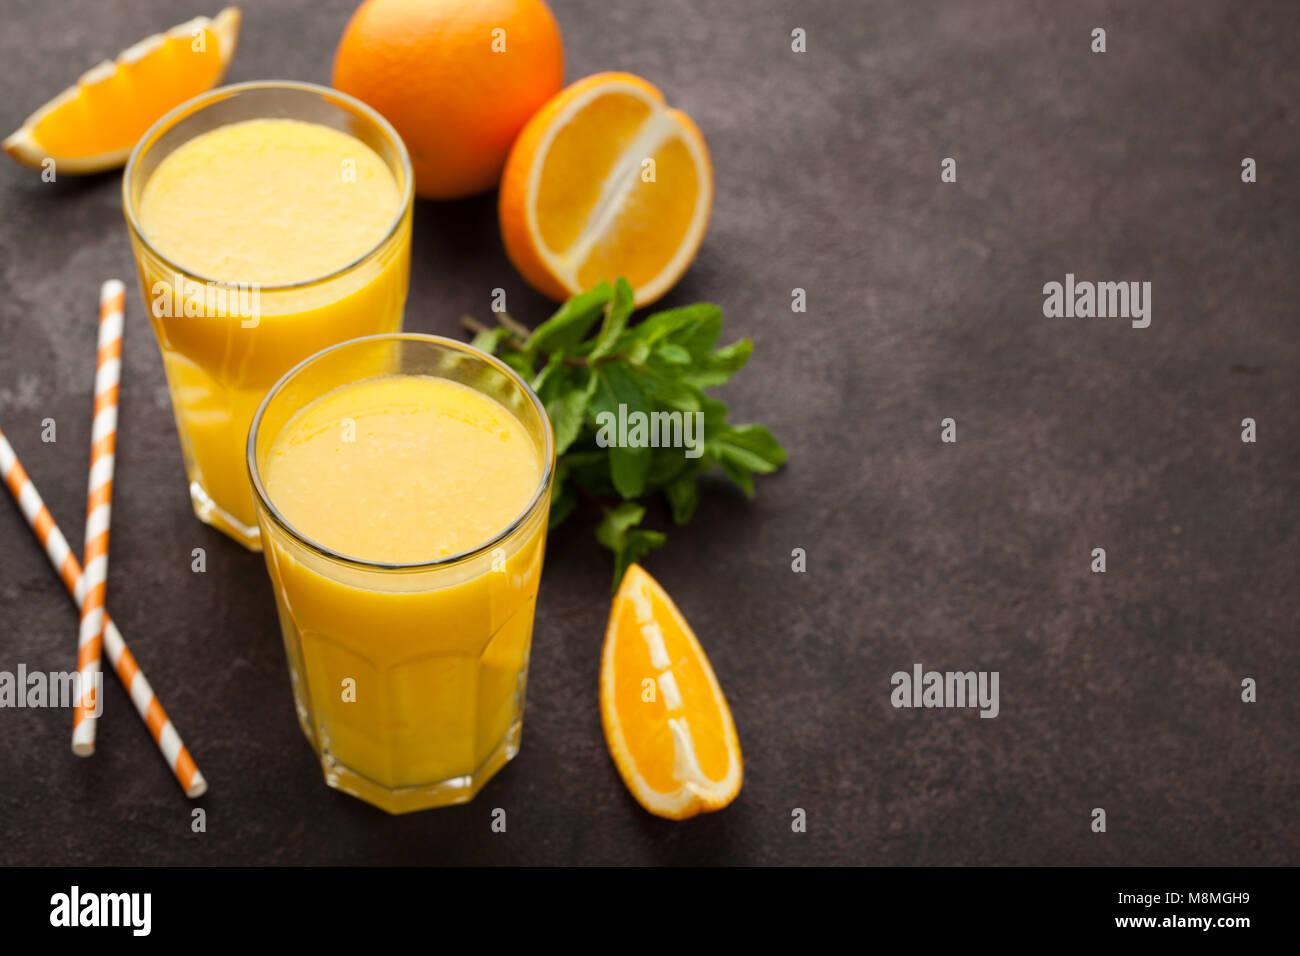 Due bicchieri di succo d'arancia appena spremuto e menta su un colore marrone scuro dello sfondo. Vista da sopra Immagini Stock